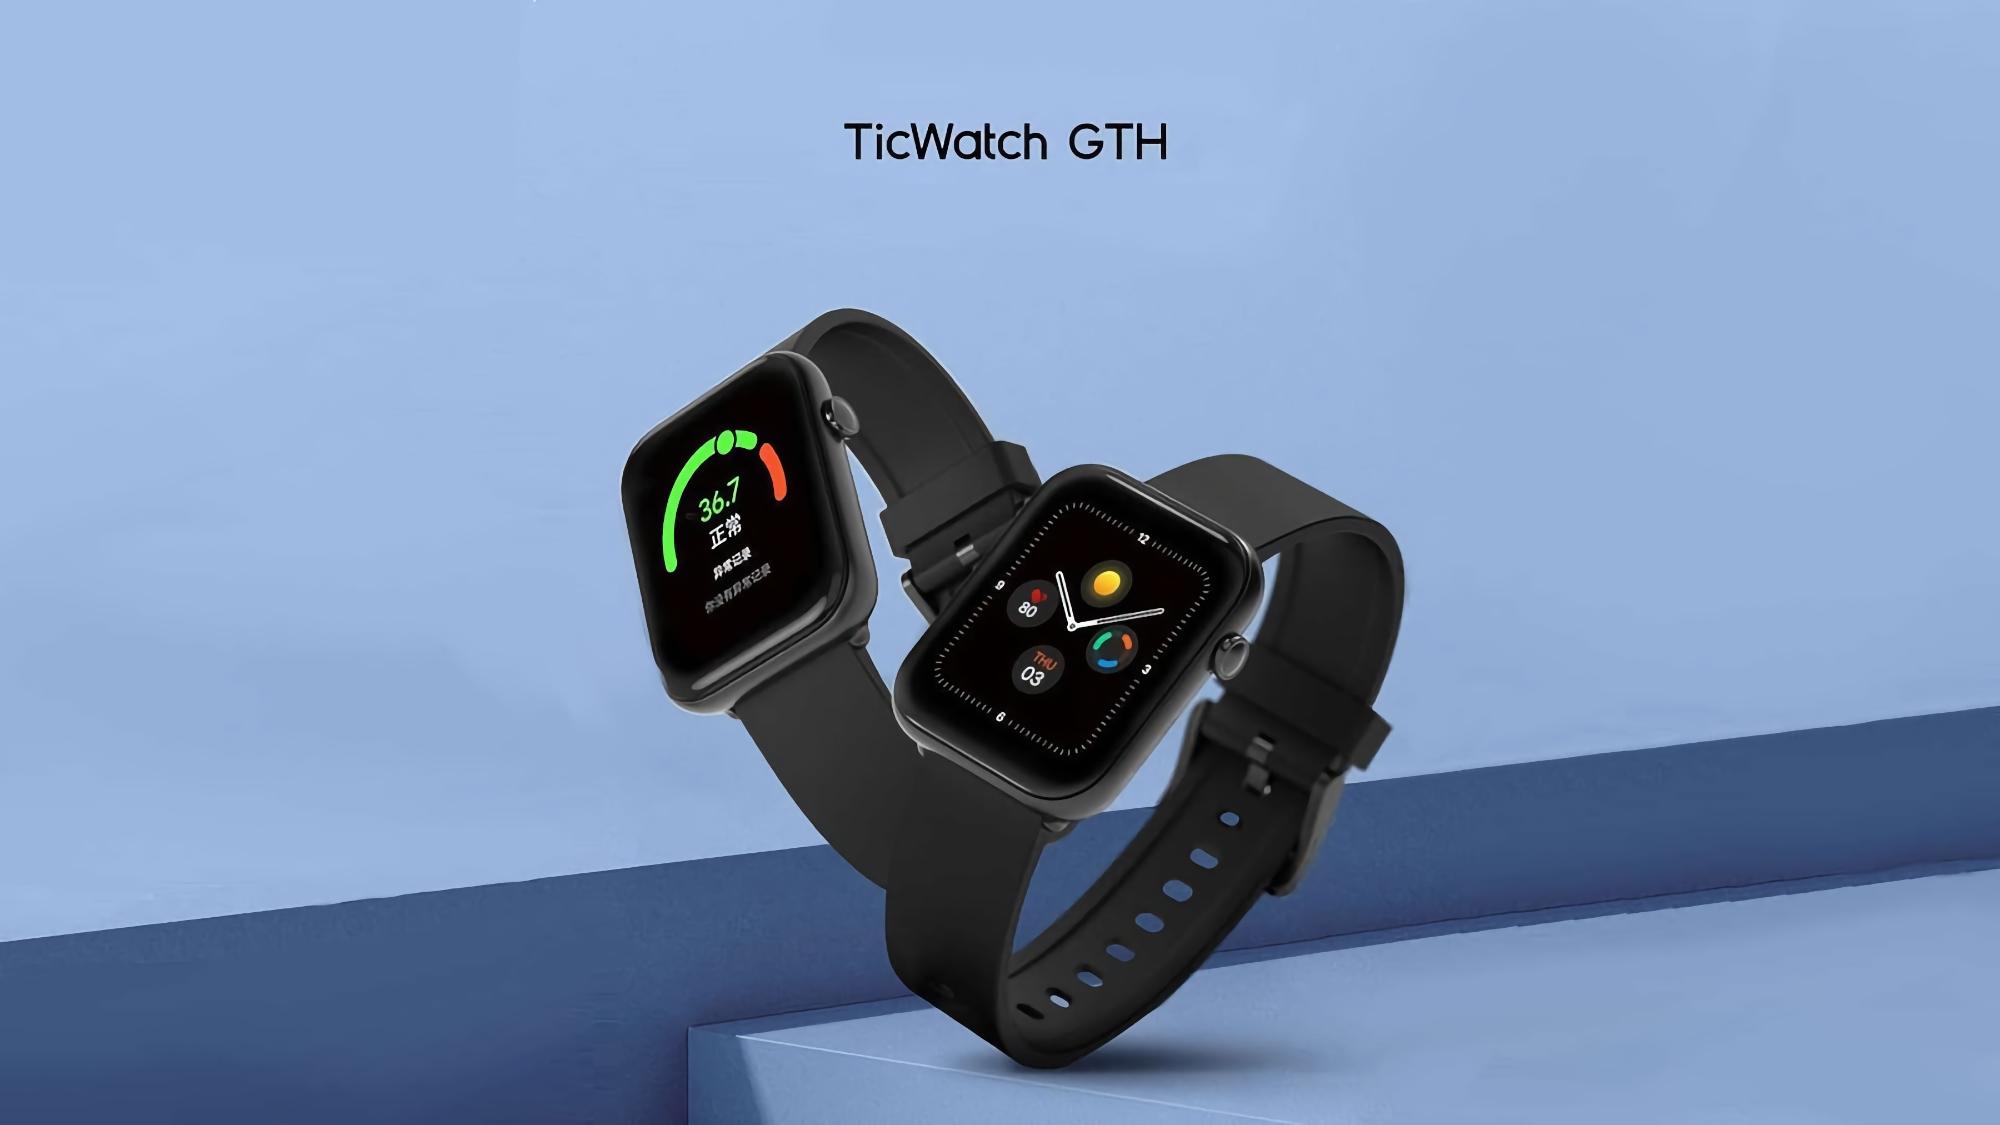 Mobvoi тизерит глобальный анонс смарт-часов TicWatch GTH c функцией измерения температуры тела